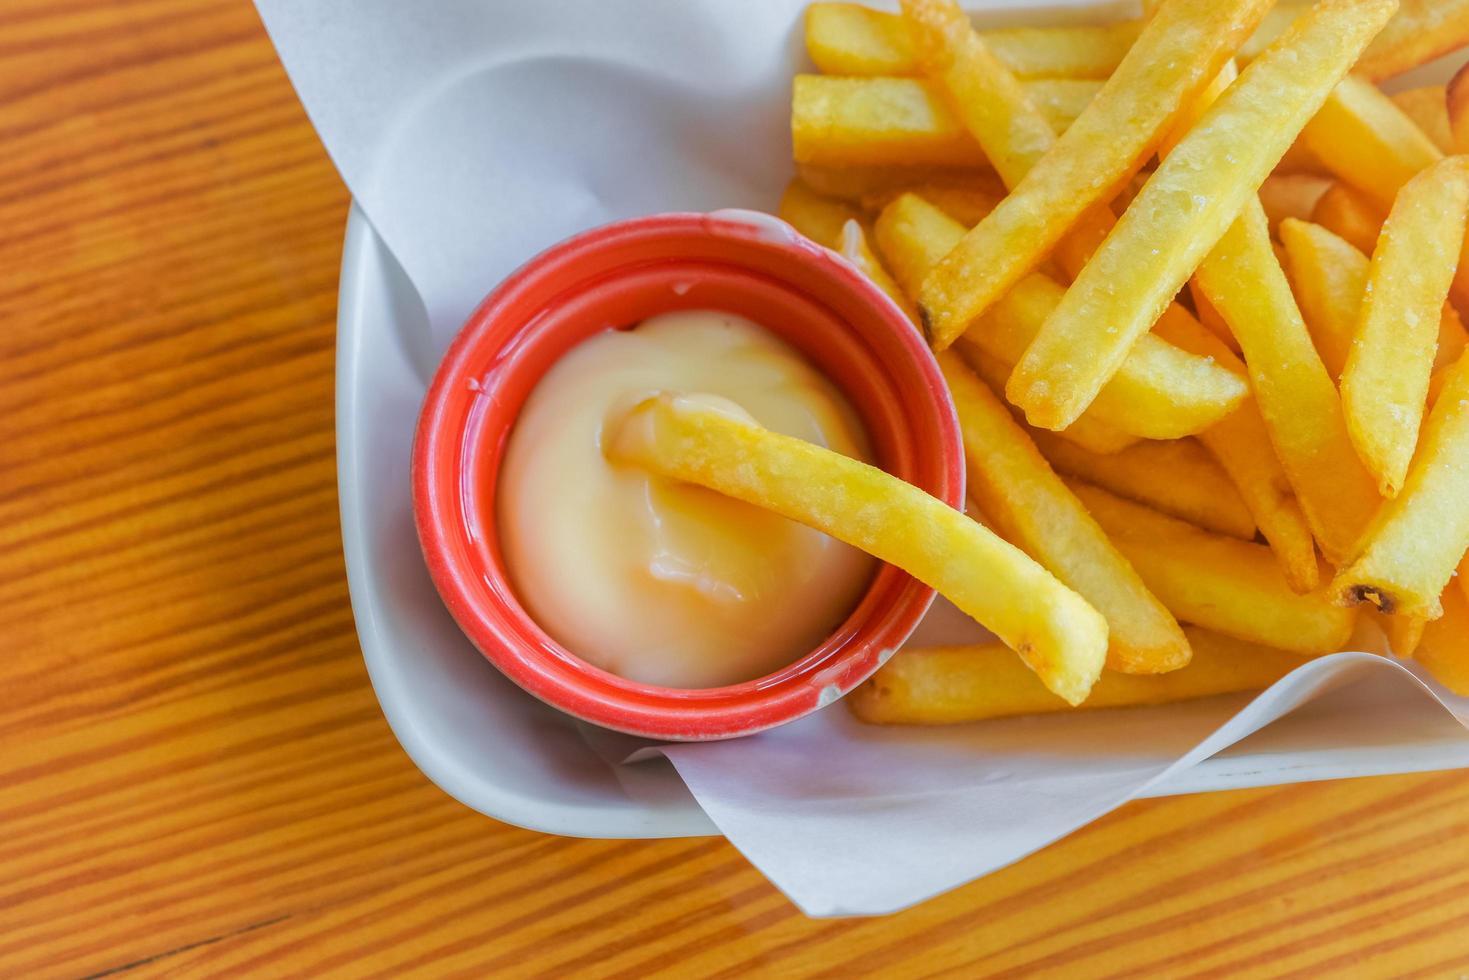 pommes frites på vit platta foto